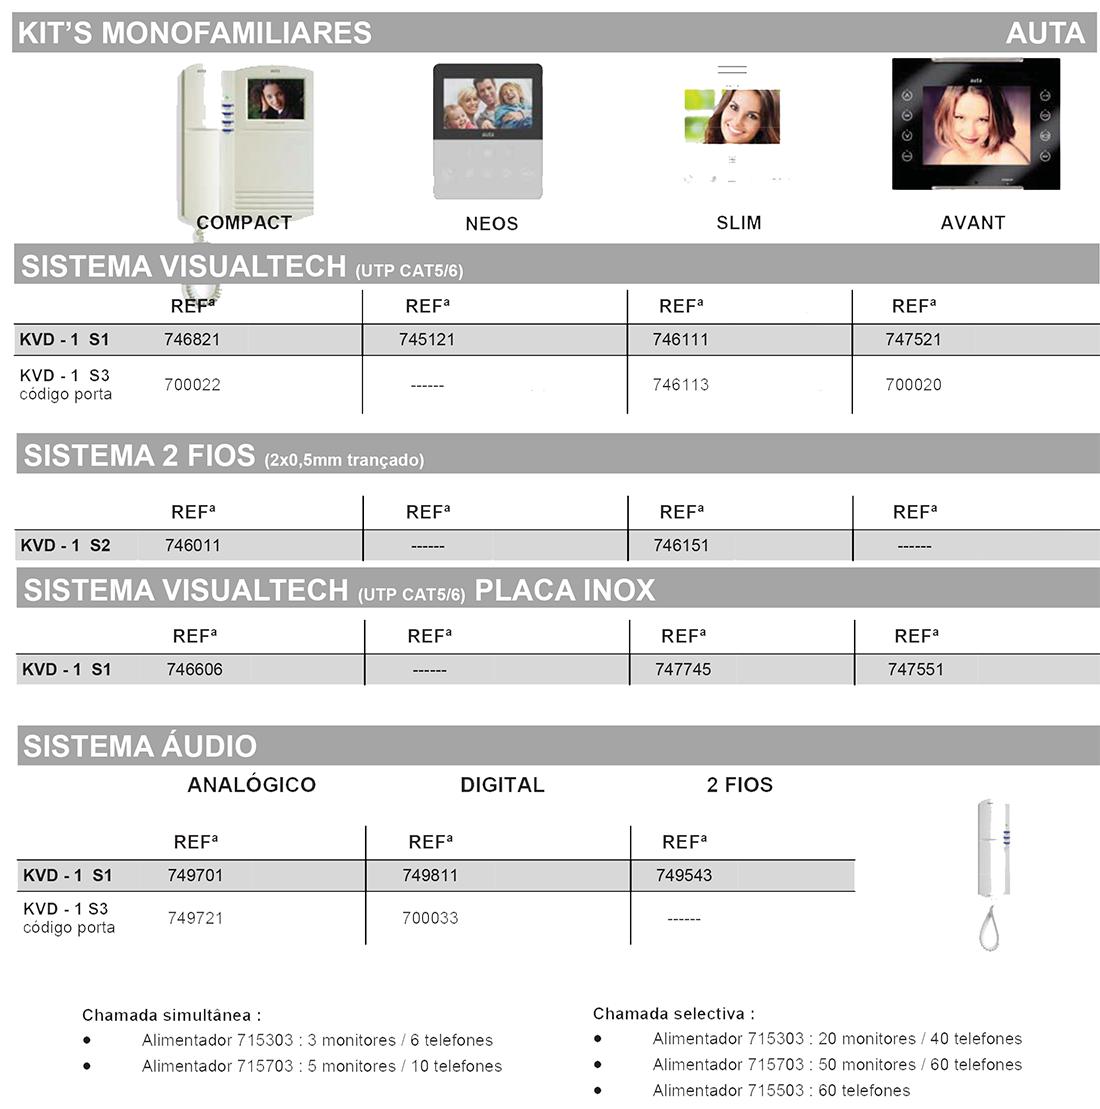 videoporteiro kit monofamiliar